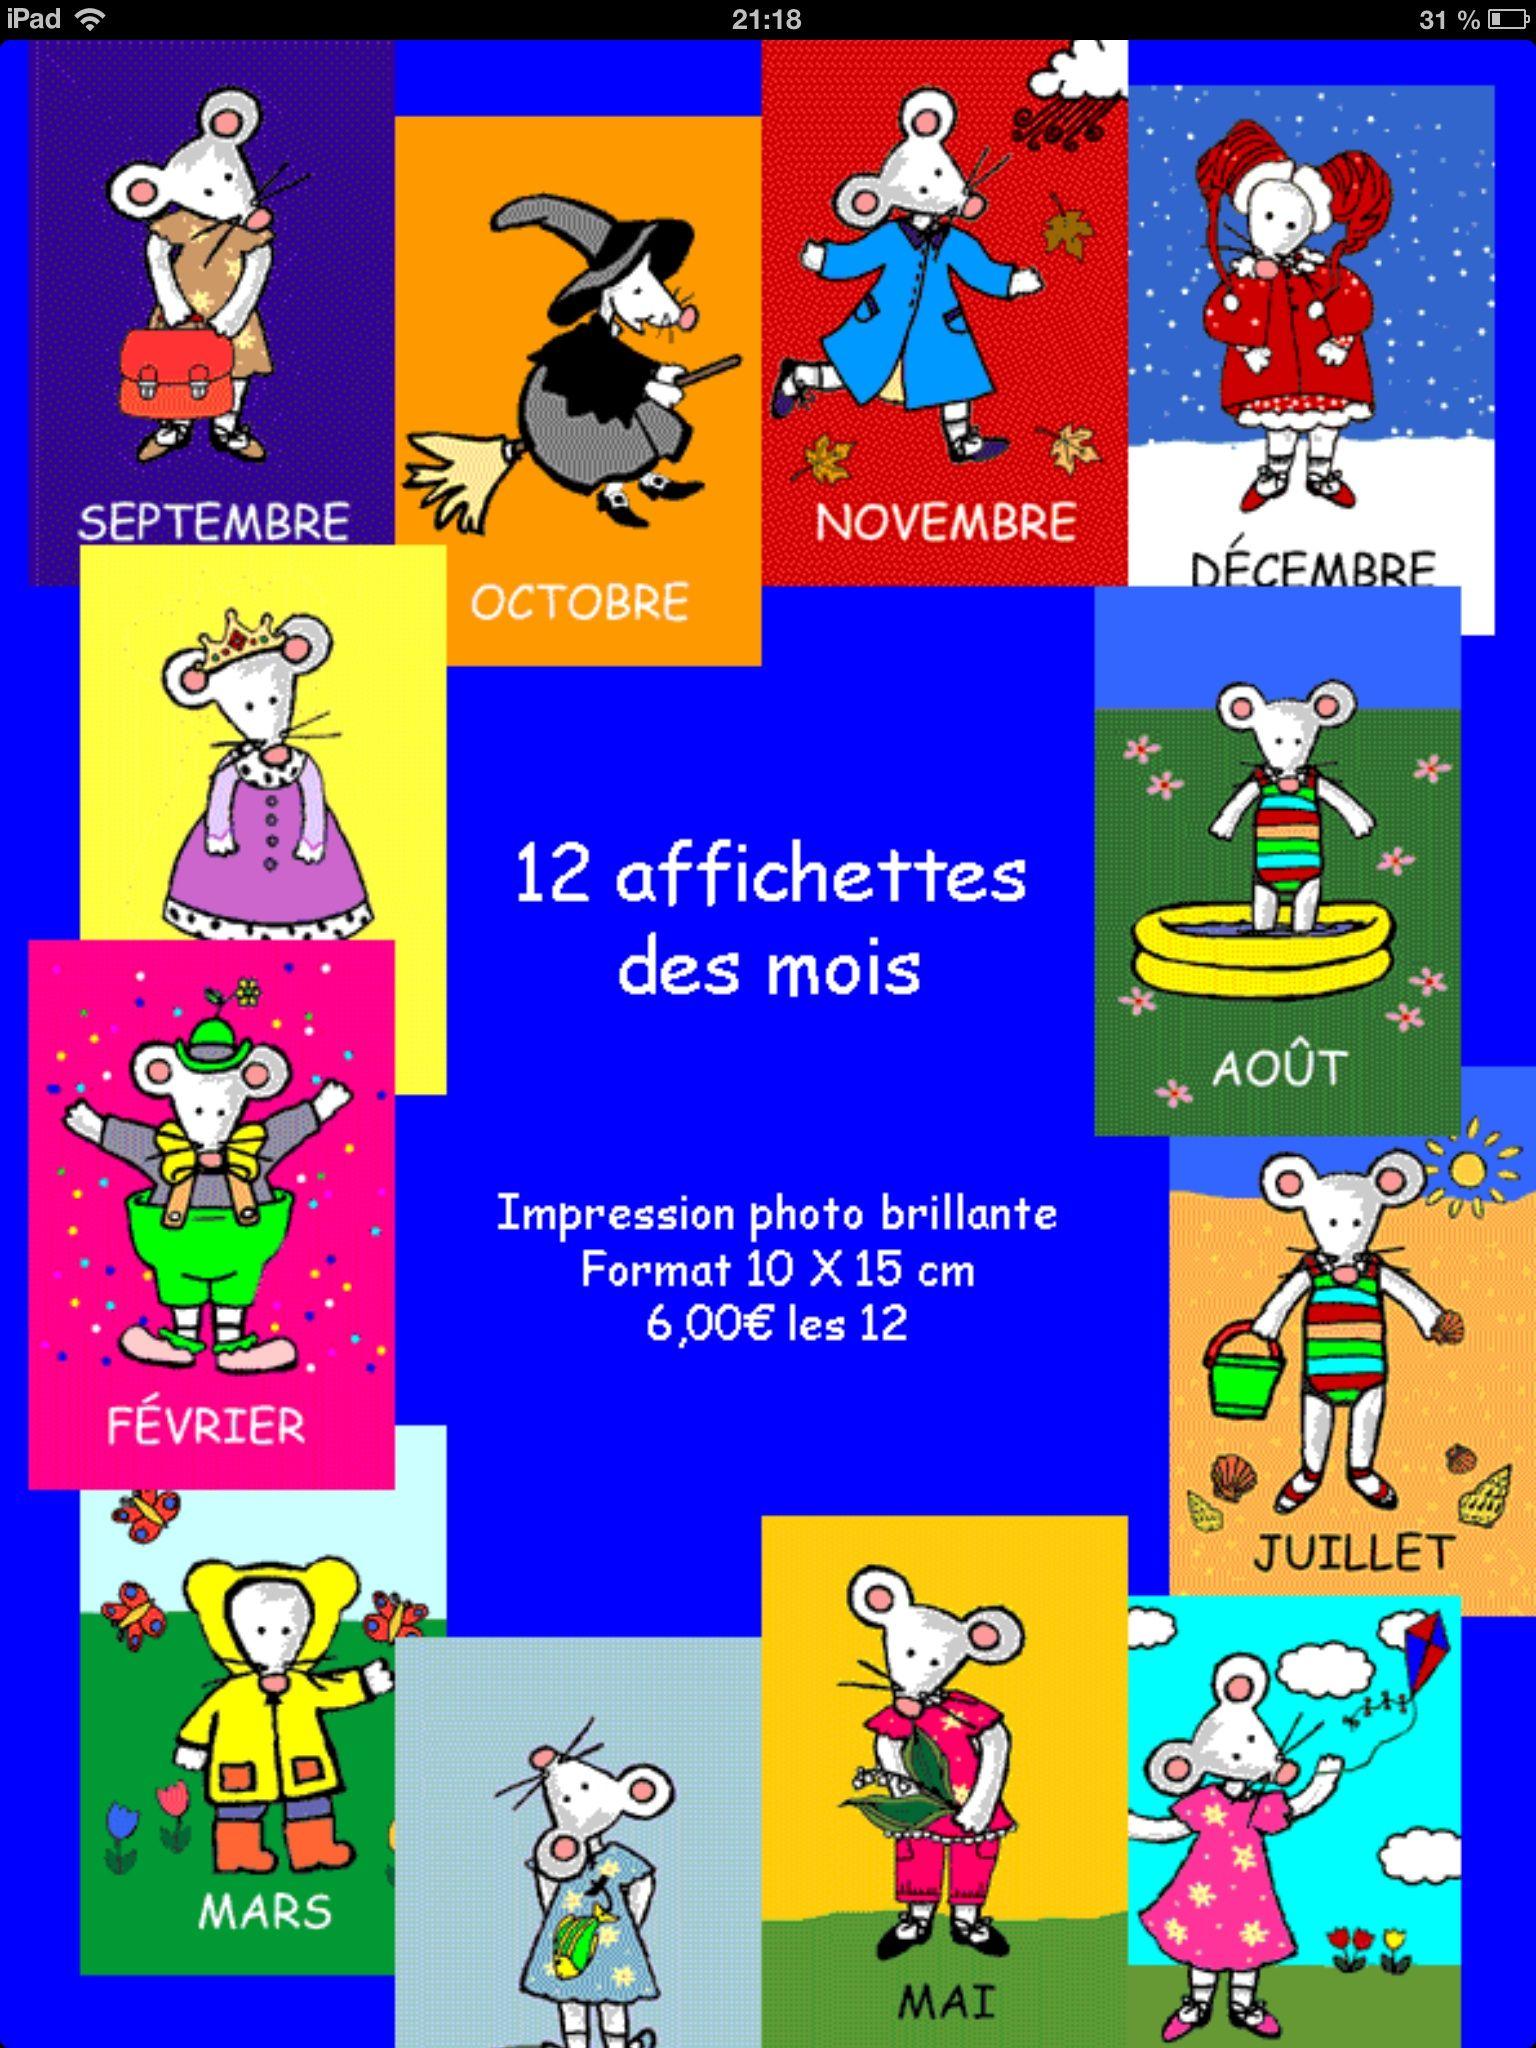 Les Douze Mois De L Année : douze, année, Affichettes, Illustrer, Douze, L'année., Petite, Souris,, Rimini